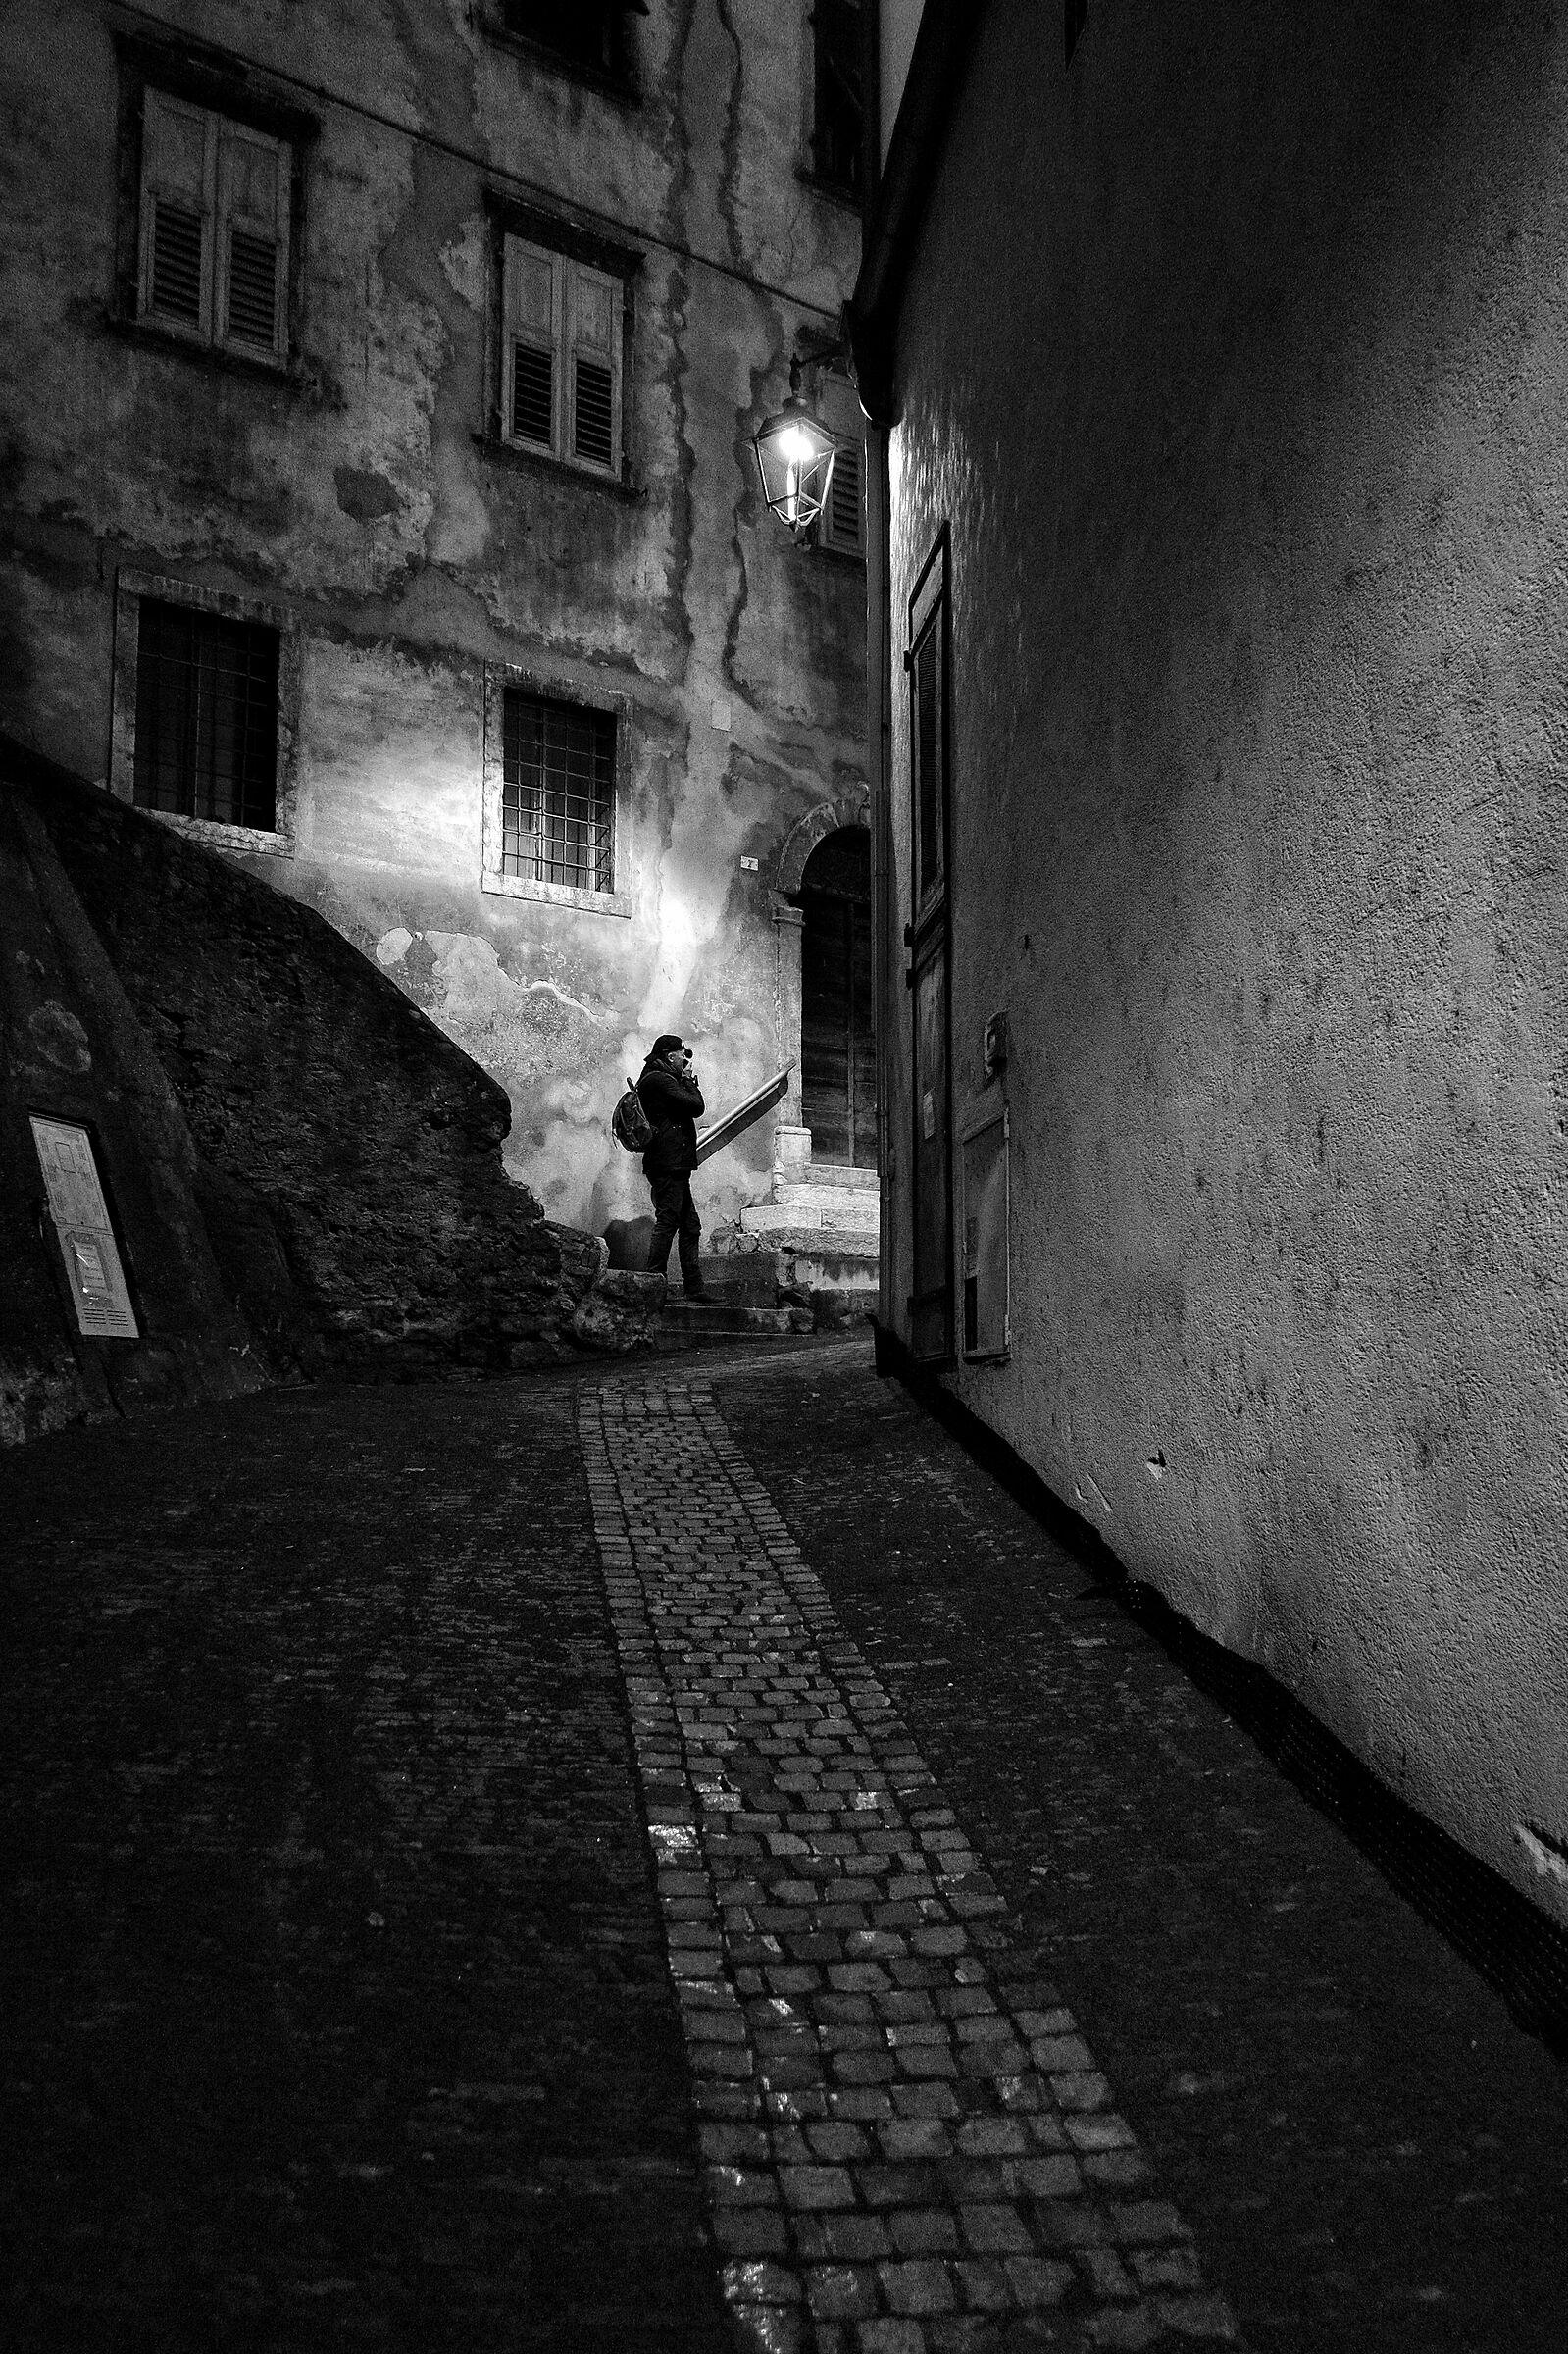 Il fotografo di strada...